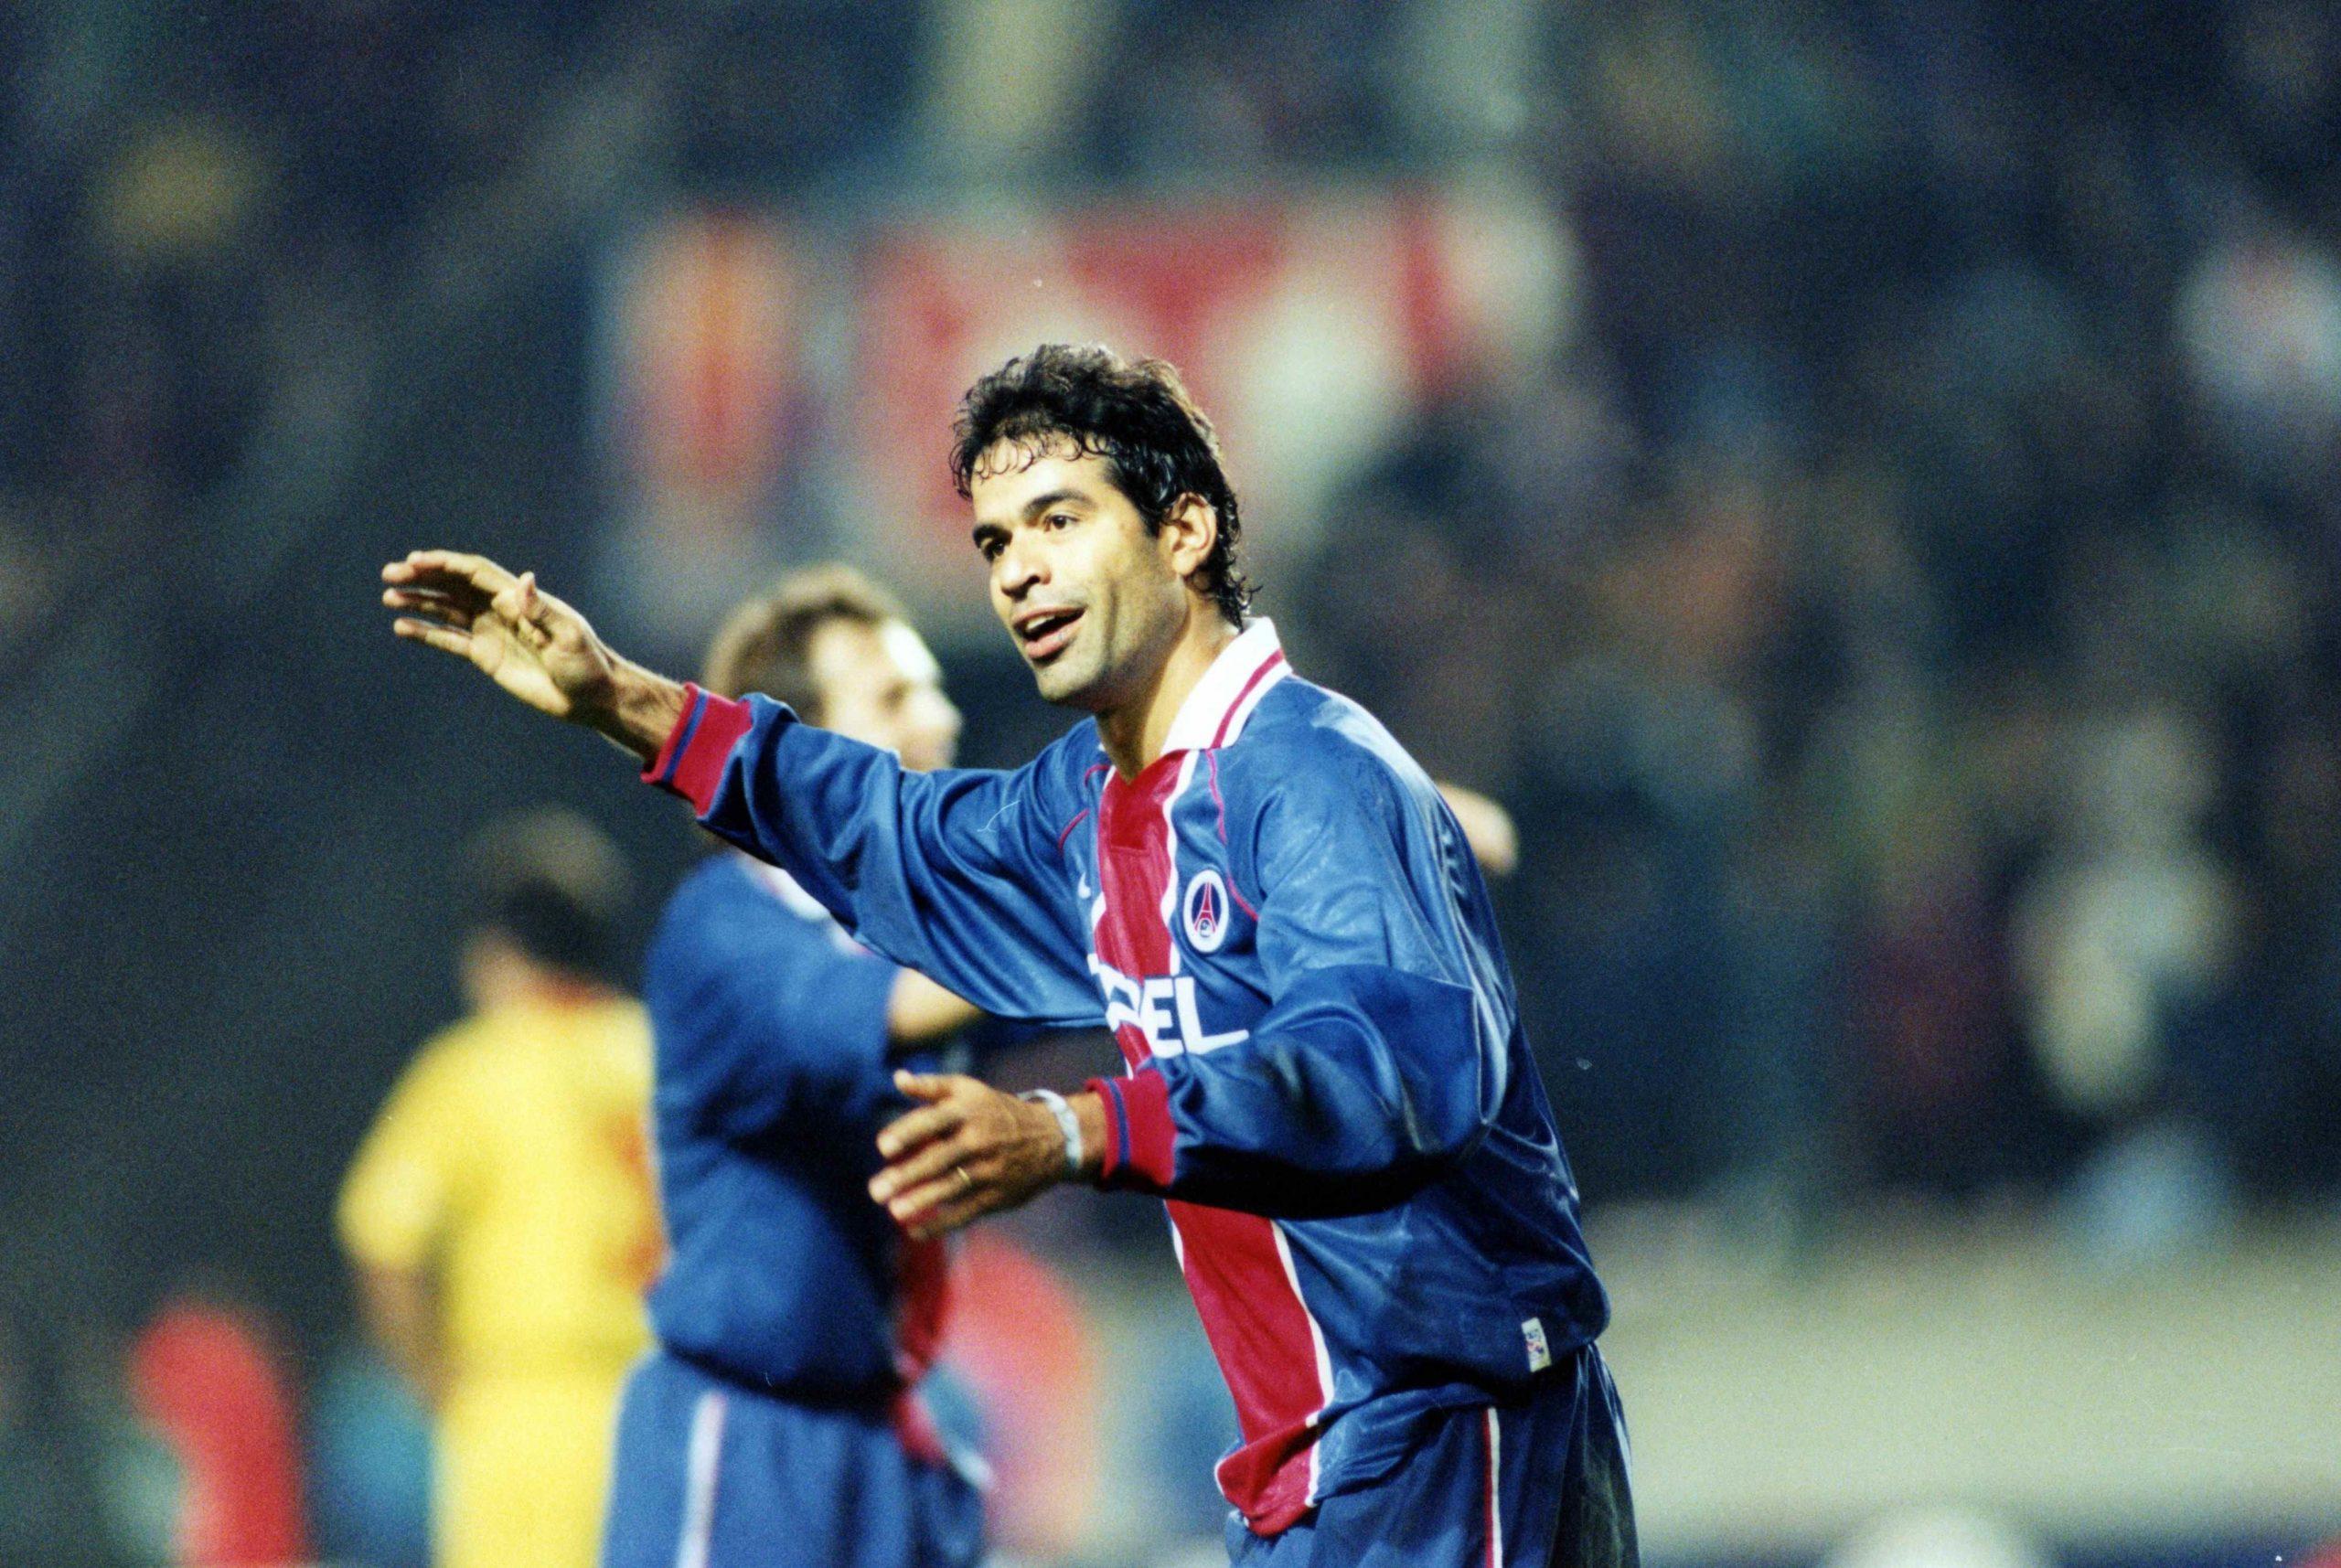 Les trophées des 50 ans du PSG : meilleur joueur, entraîneur et équipe-type sans Neymar ni Mbappé